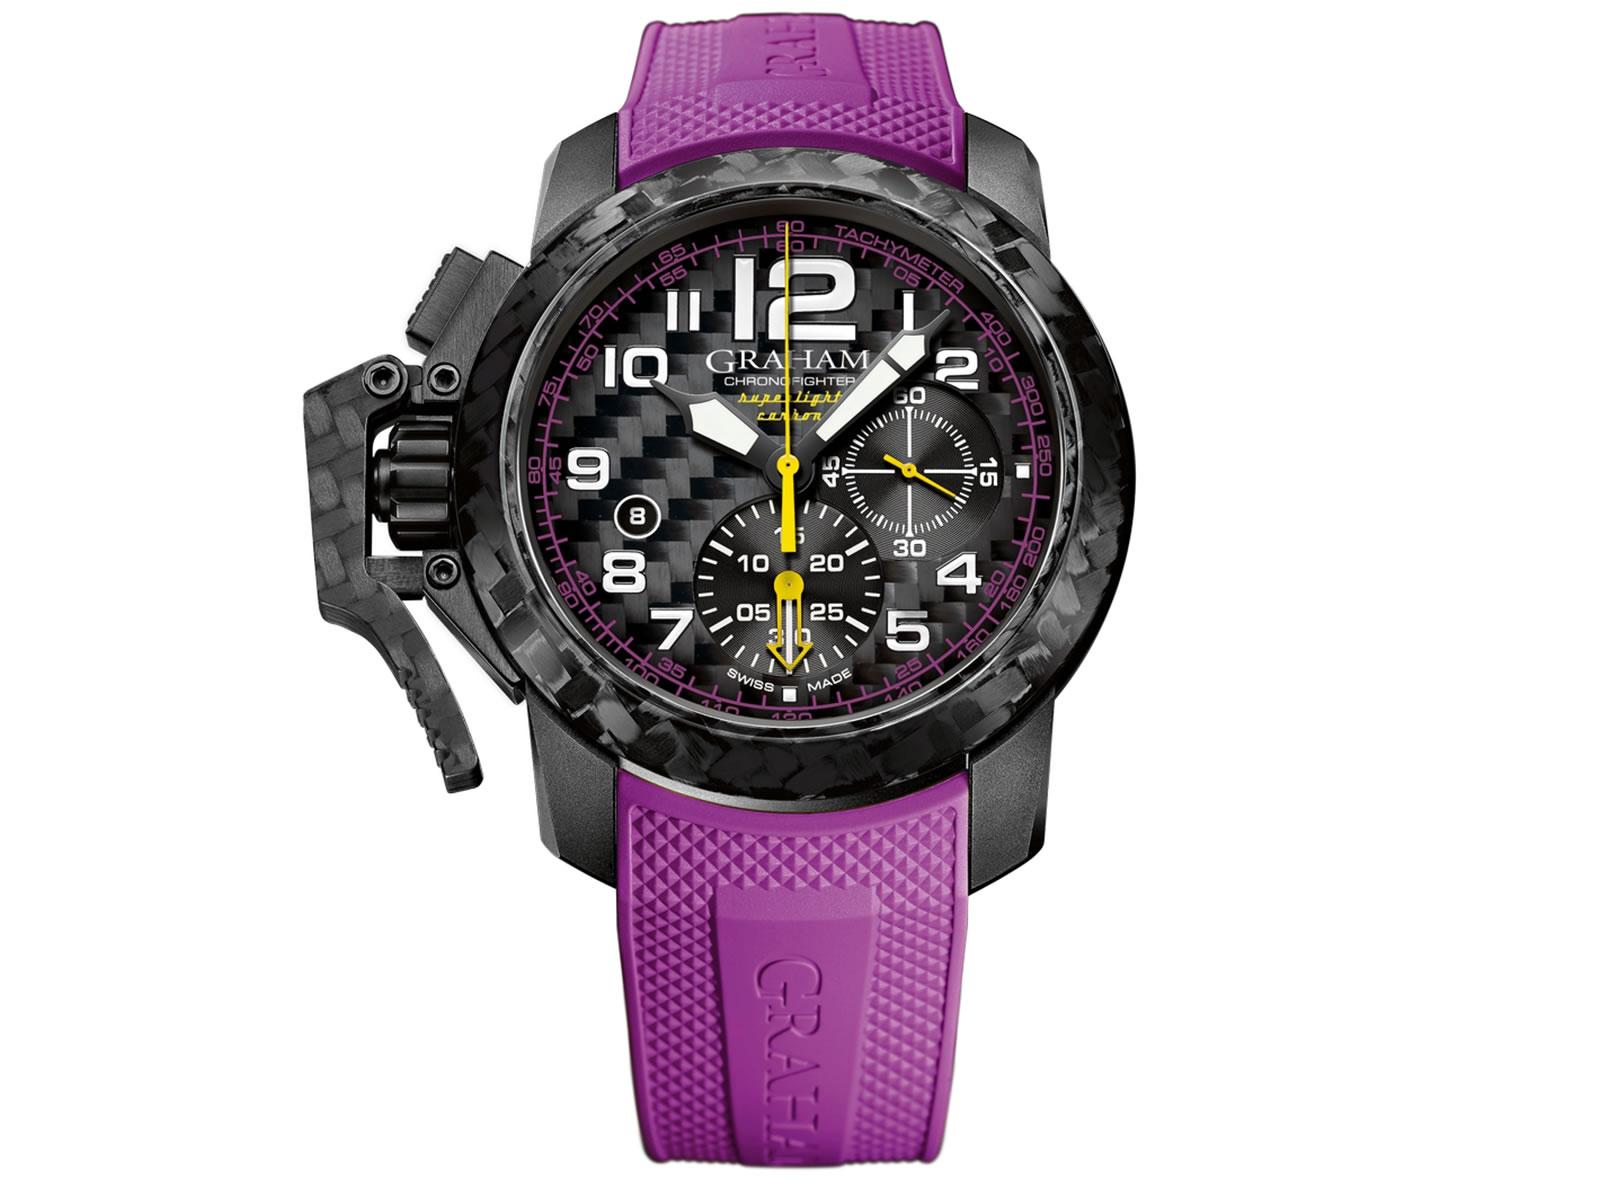 2ccbk-v01a-graham-chronofighter-superlight-karbon gerçek renk-.jpg